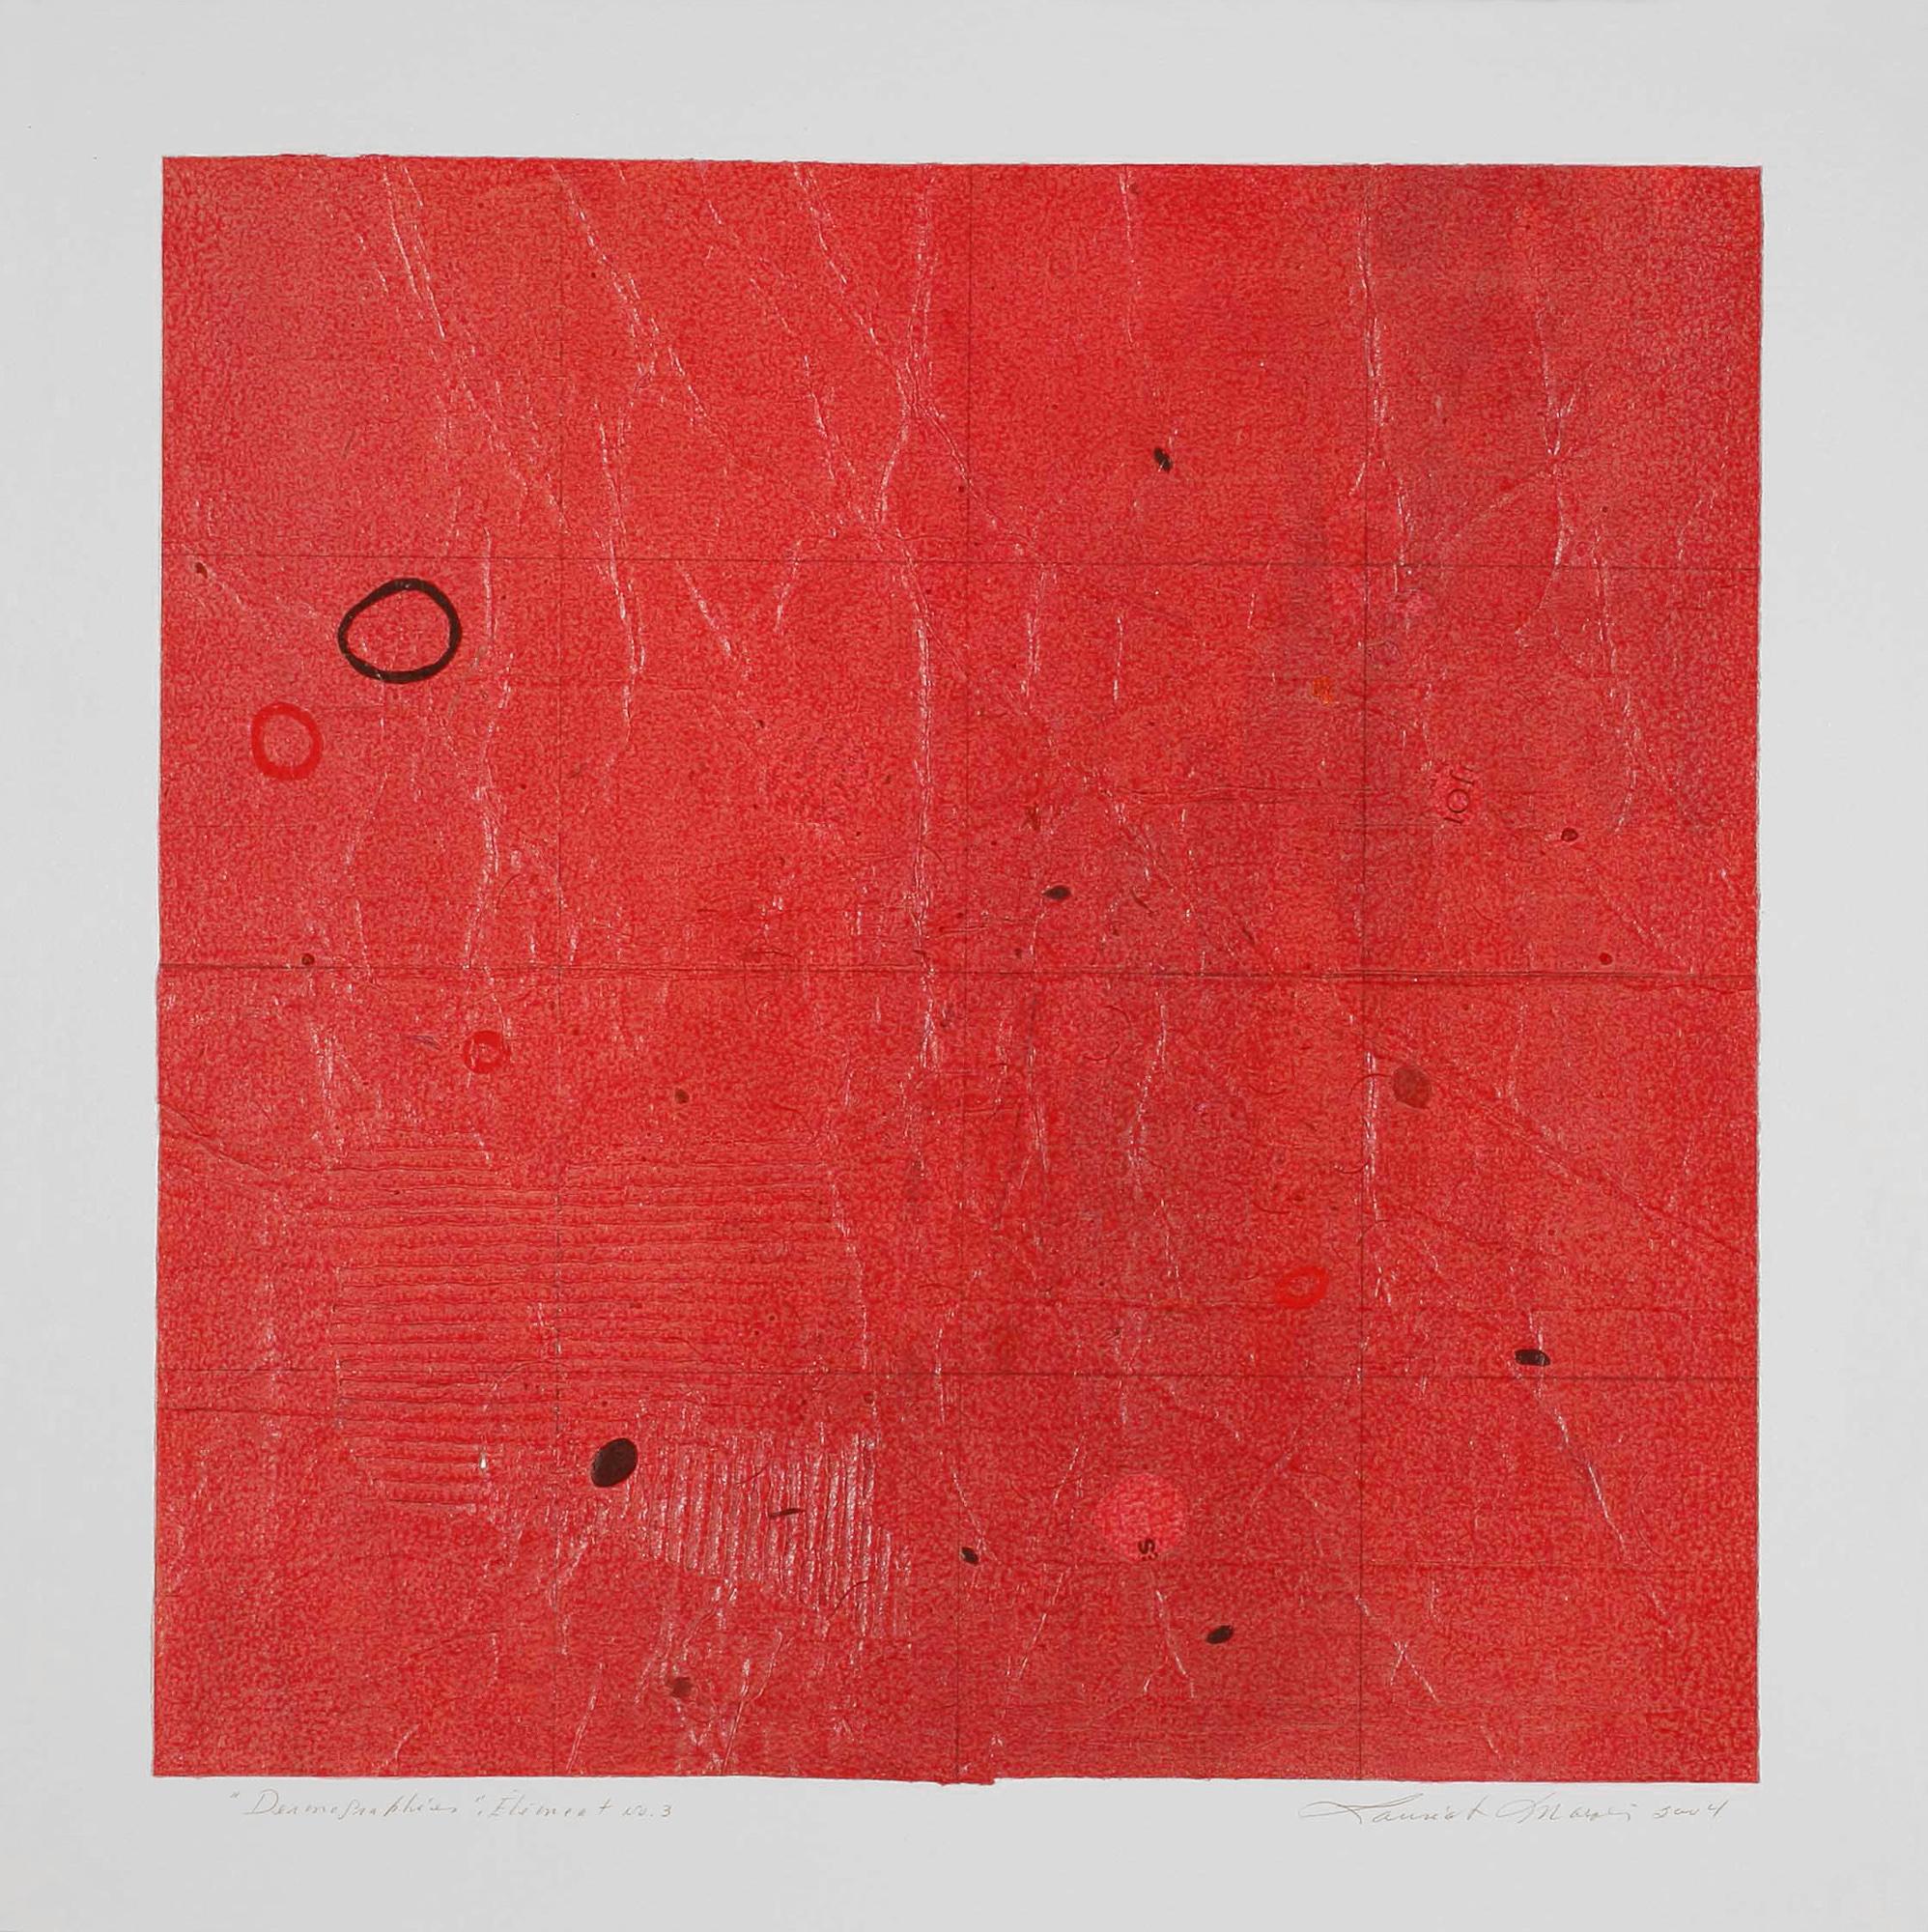 Dermographies No 3, 2004. Acrylique sur papier fort, 43 x 43 cm.